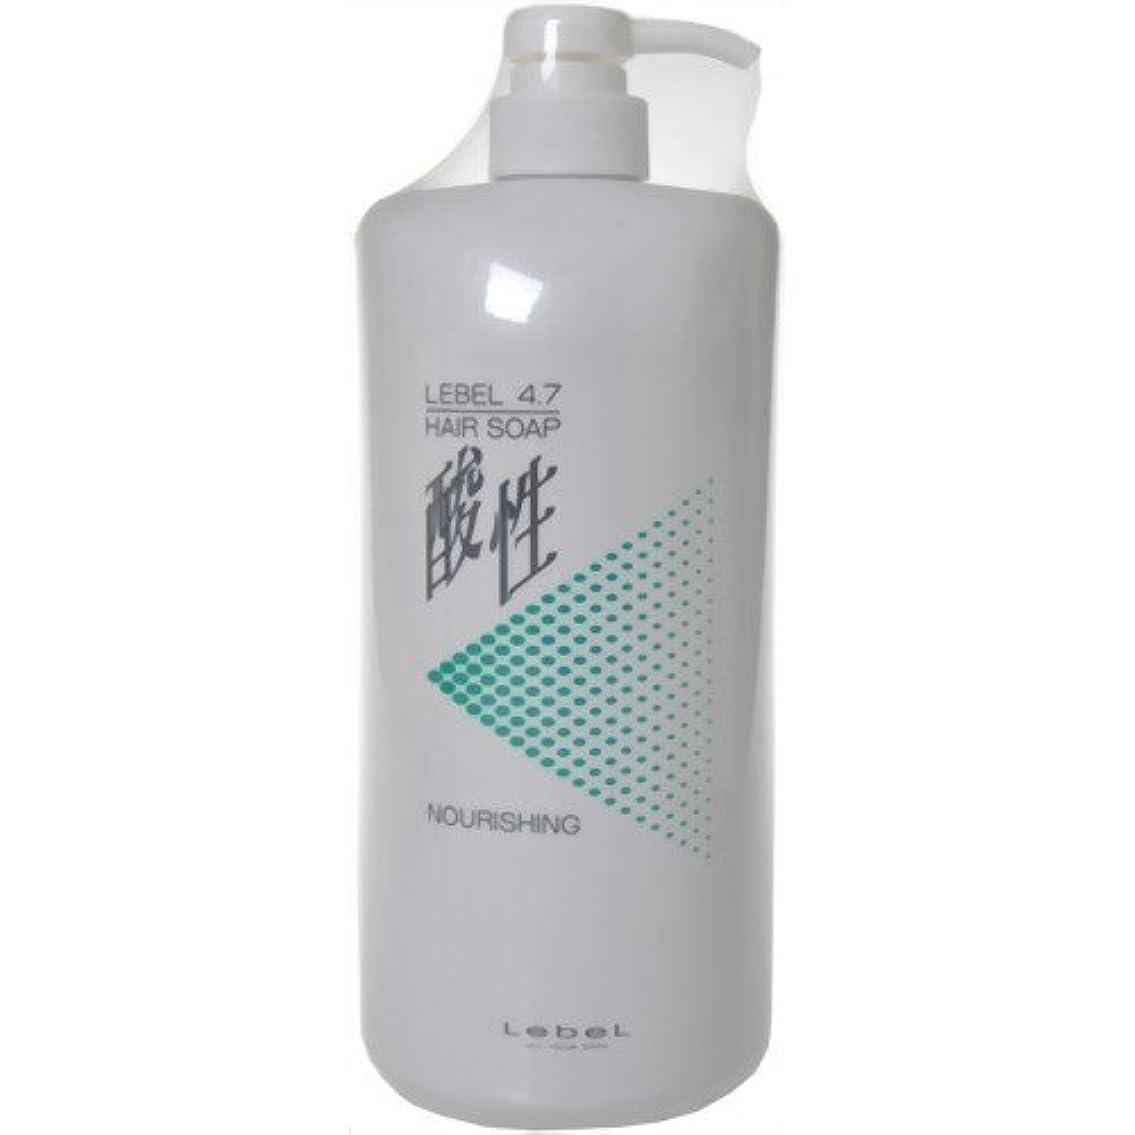 しょっぱい空中拮抗LebeL(ルベル) 4.7酸性ヘアソープ ナリシング 1200ml